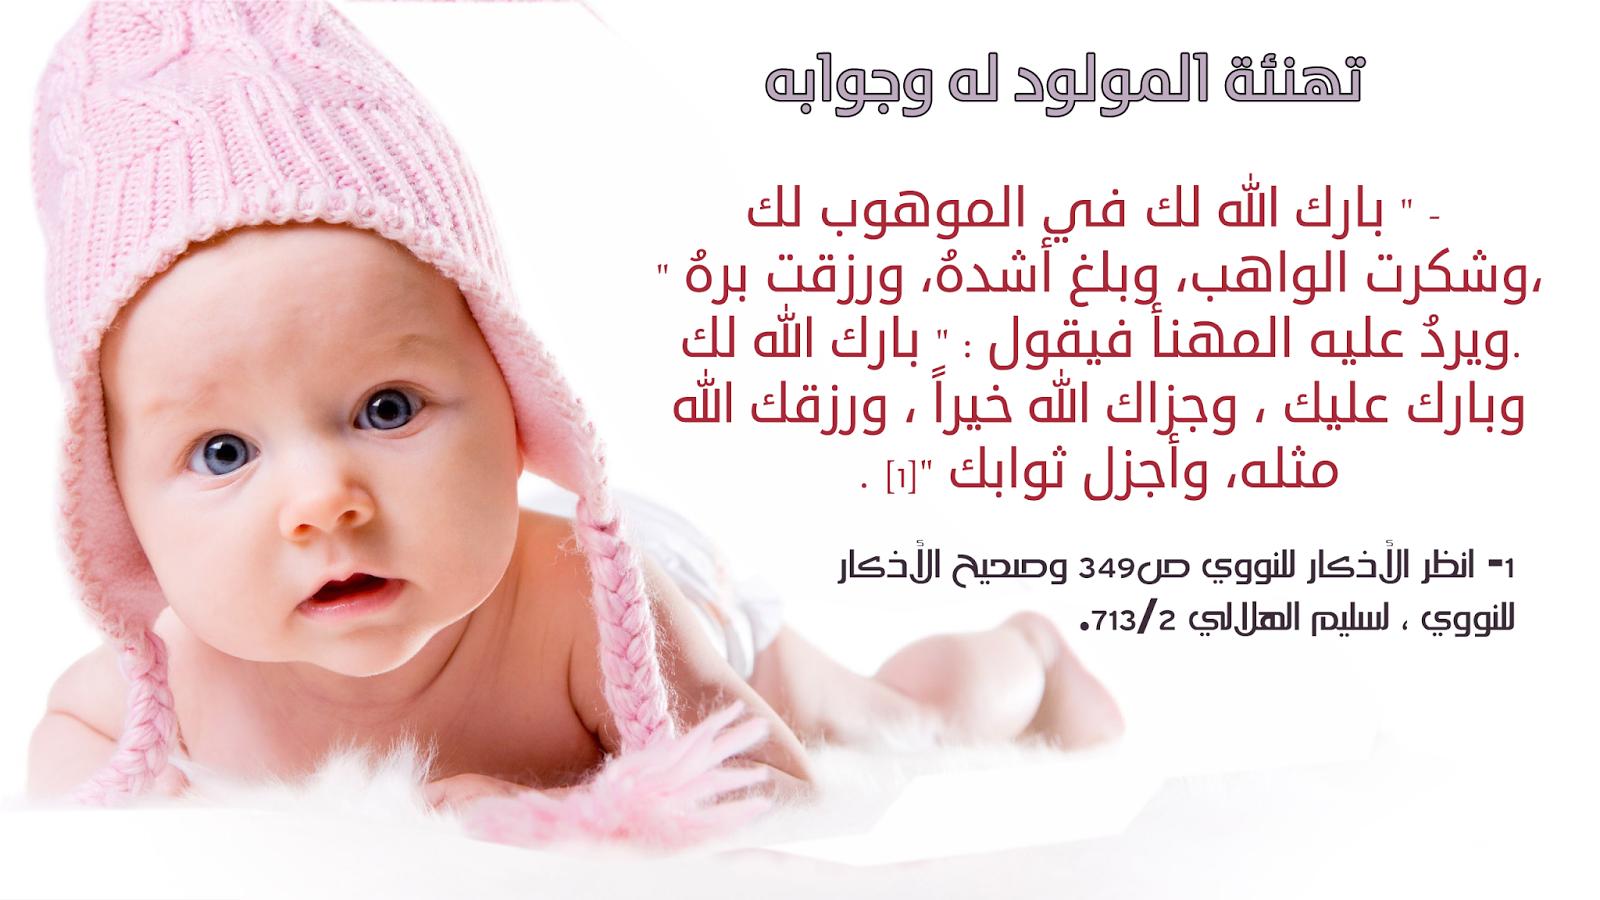 كلمات ألف مبروك المولود